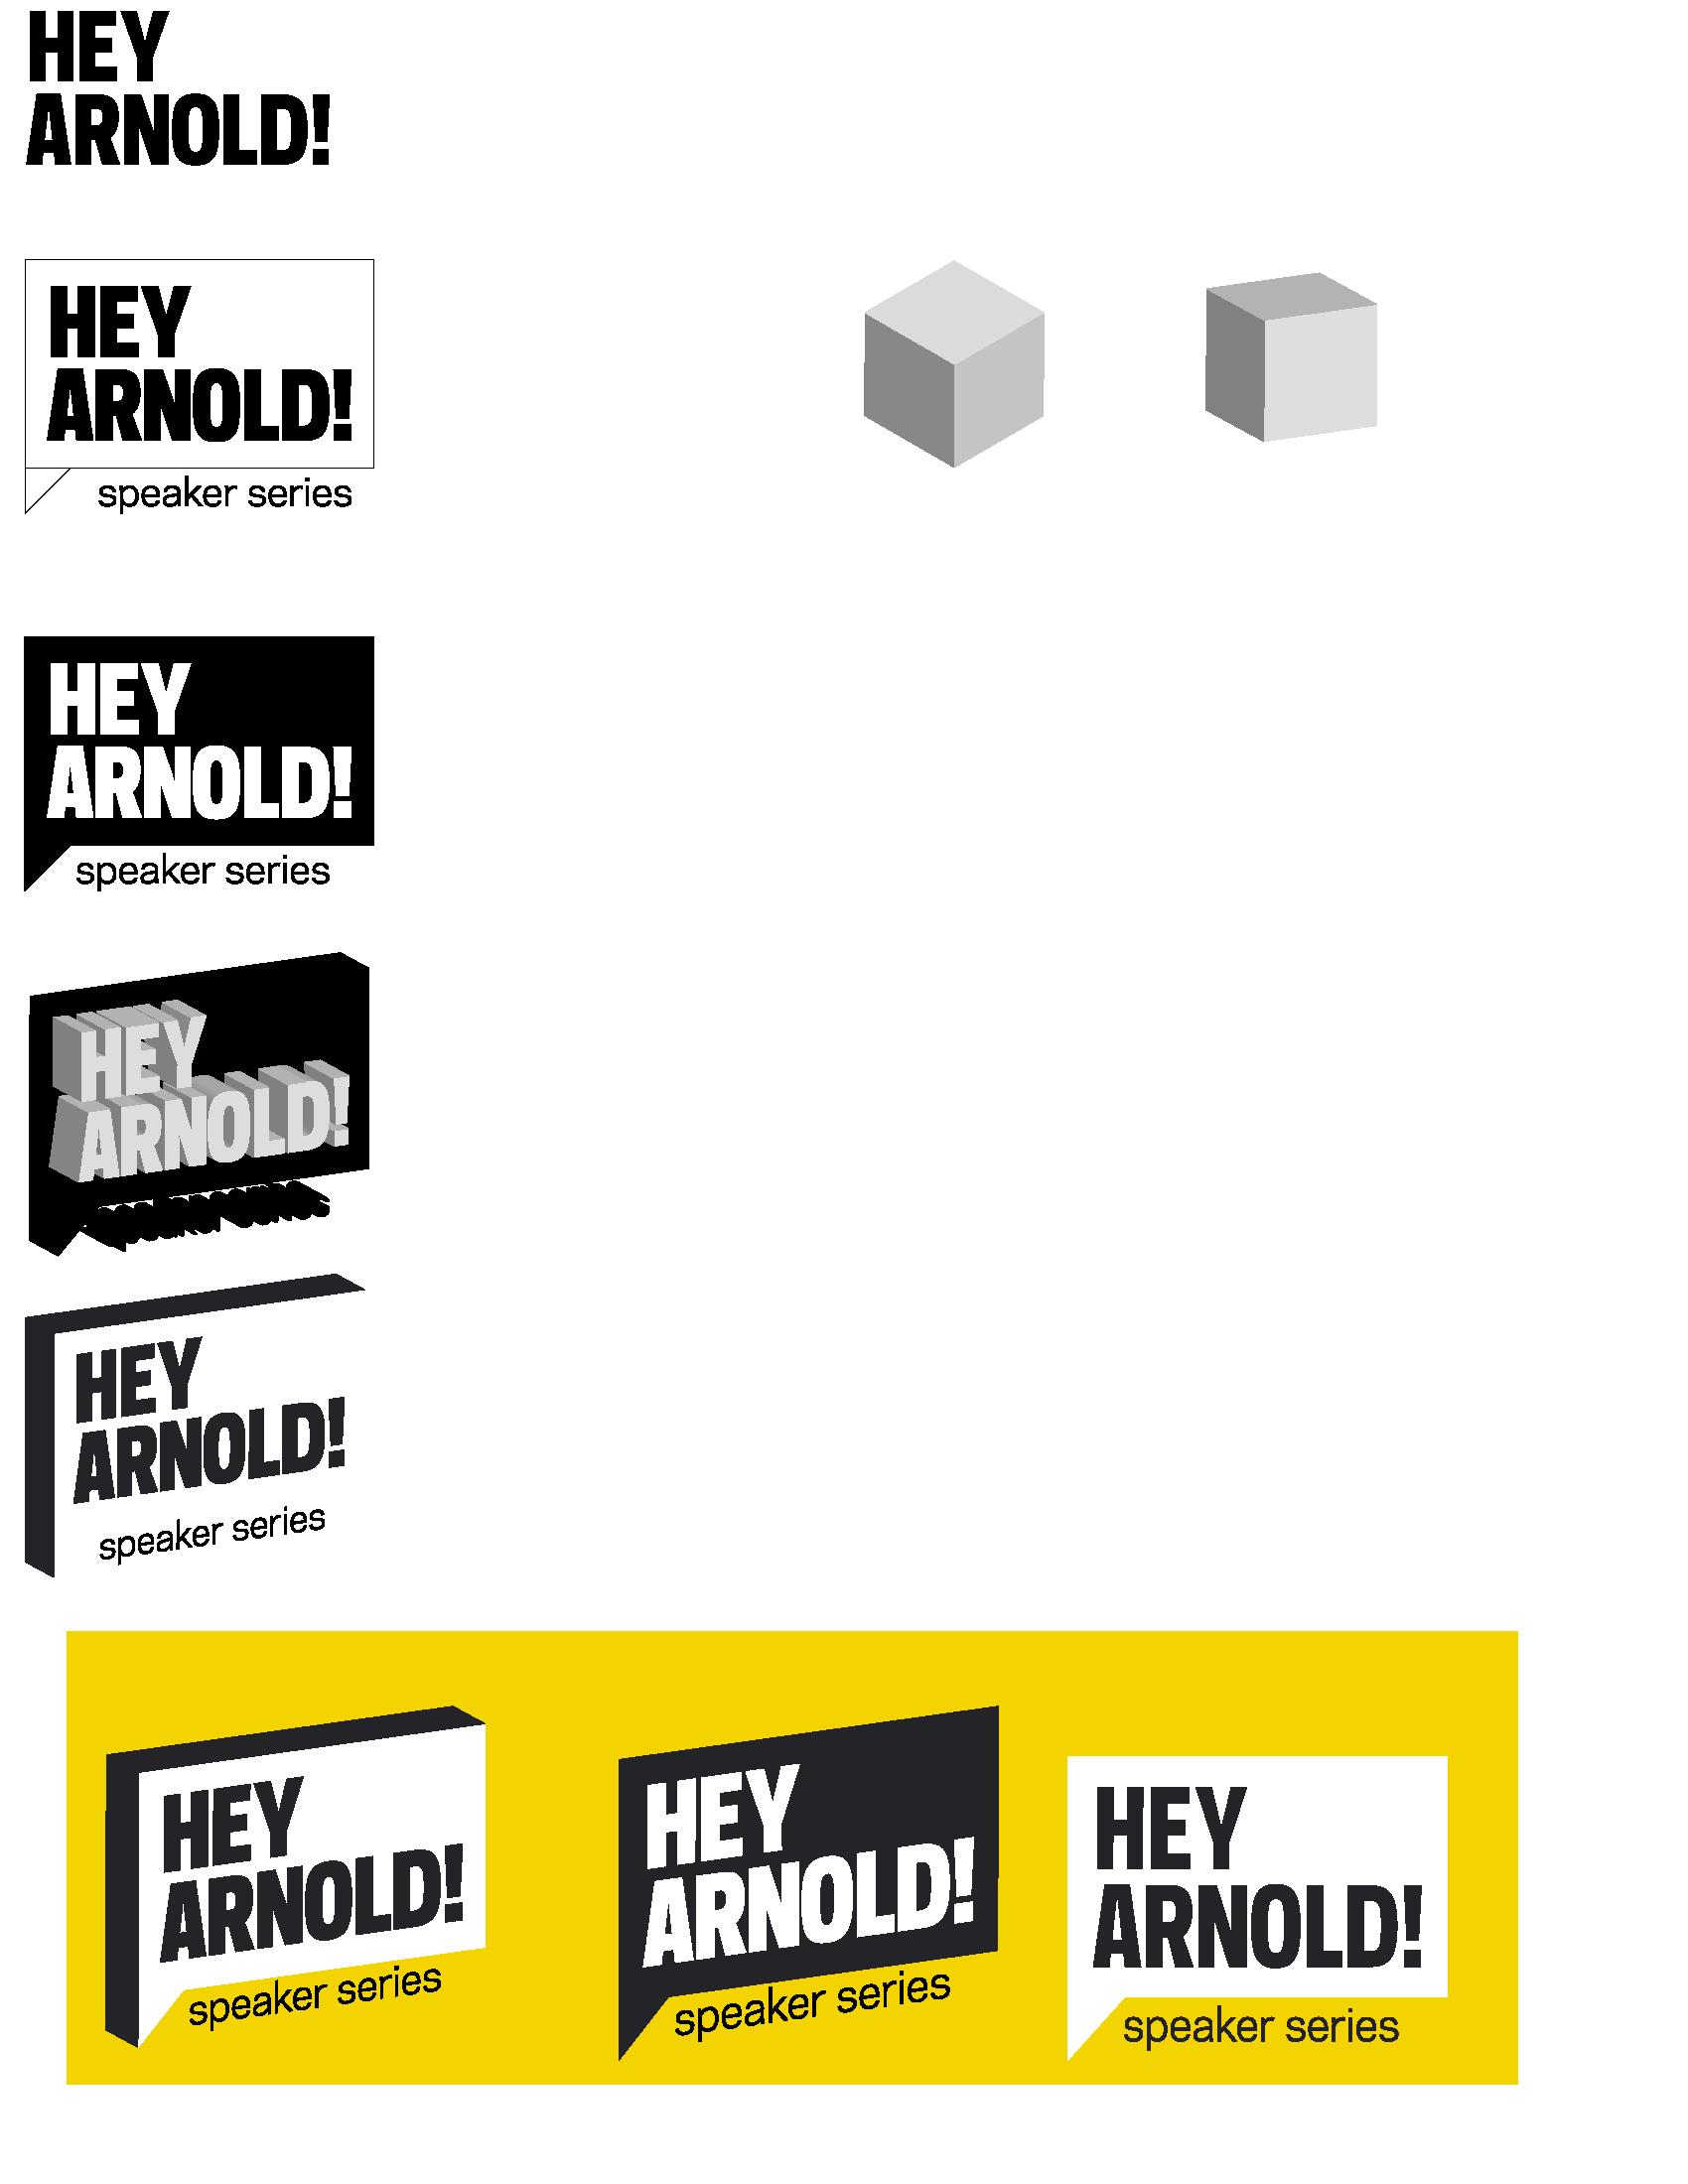 arnold-speaker-2.png